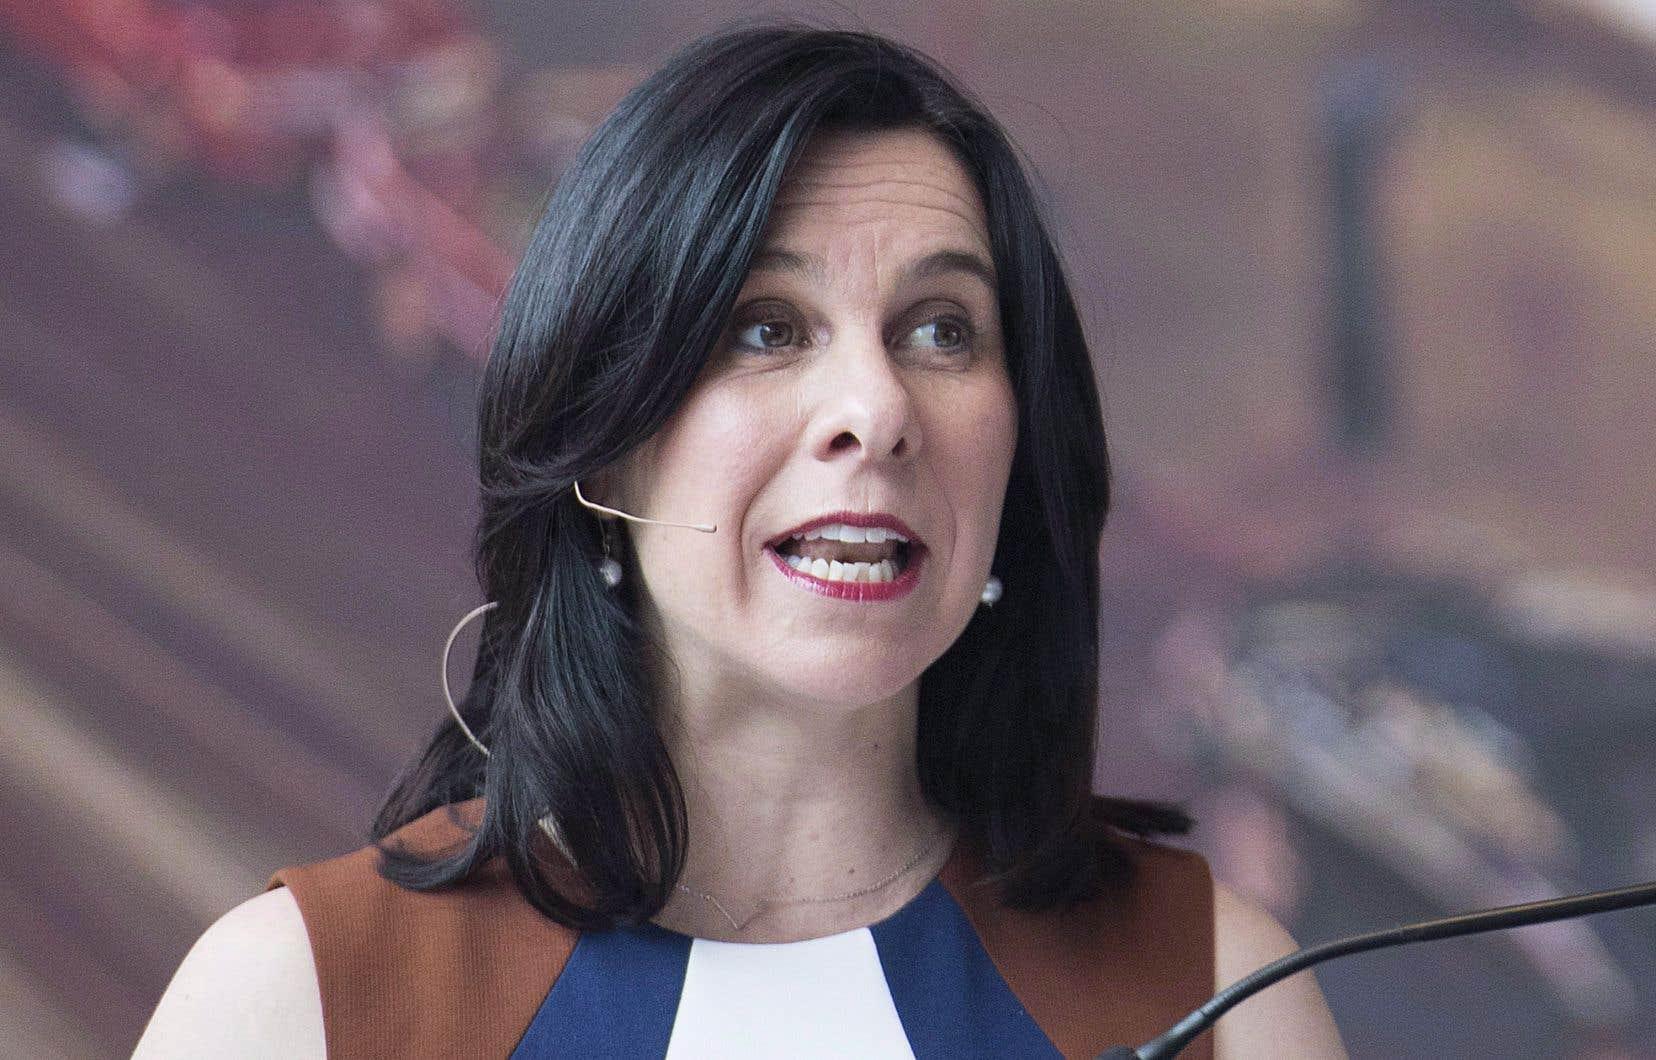 Bien avant d'être à la tête de Projet Montréal et devenir la mairesse de Montréal, MmePlante a par ailleurs elle-même été membre d'un regroupement, nommé «SalAMI», qui prônait la désobéissance civile non-violente, tout comme le groupe écologiste Extinction Rebellion.